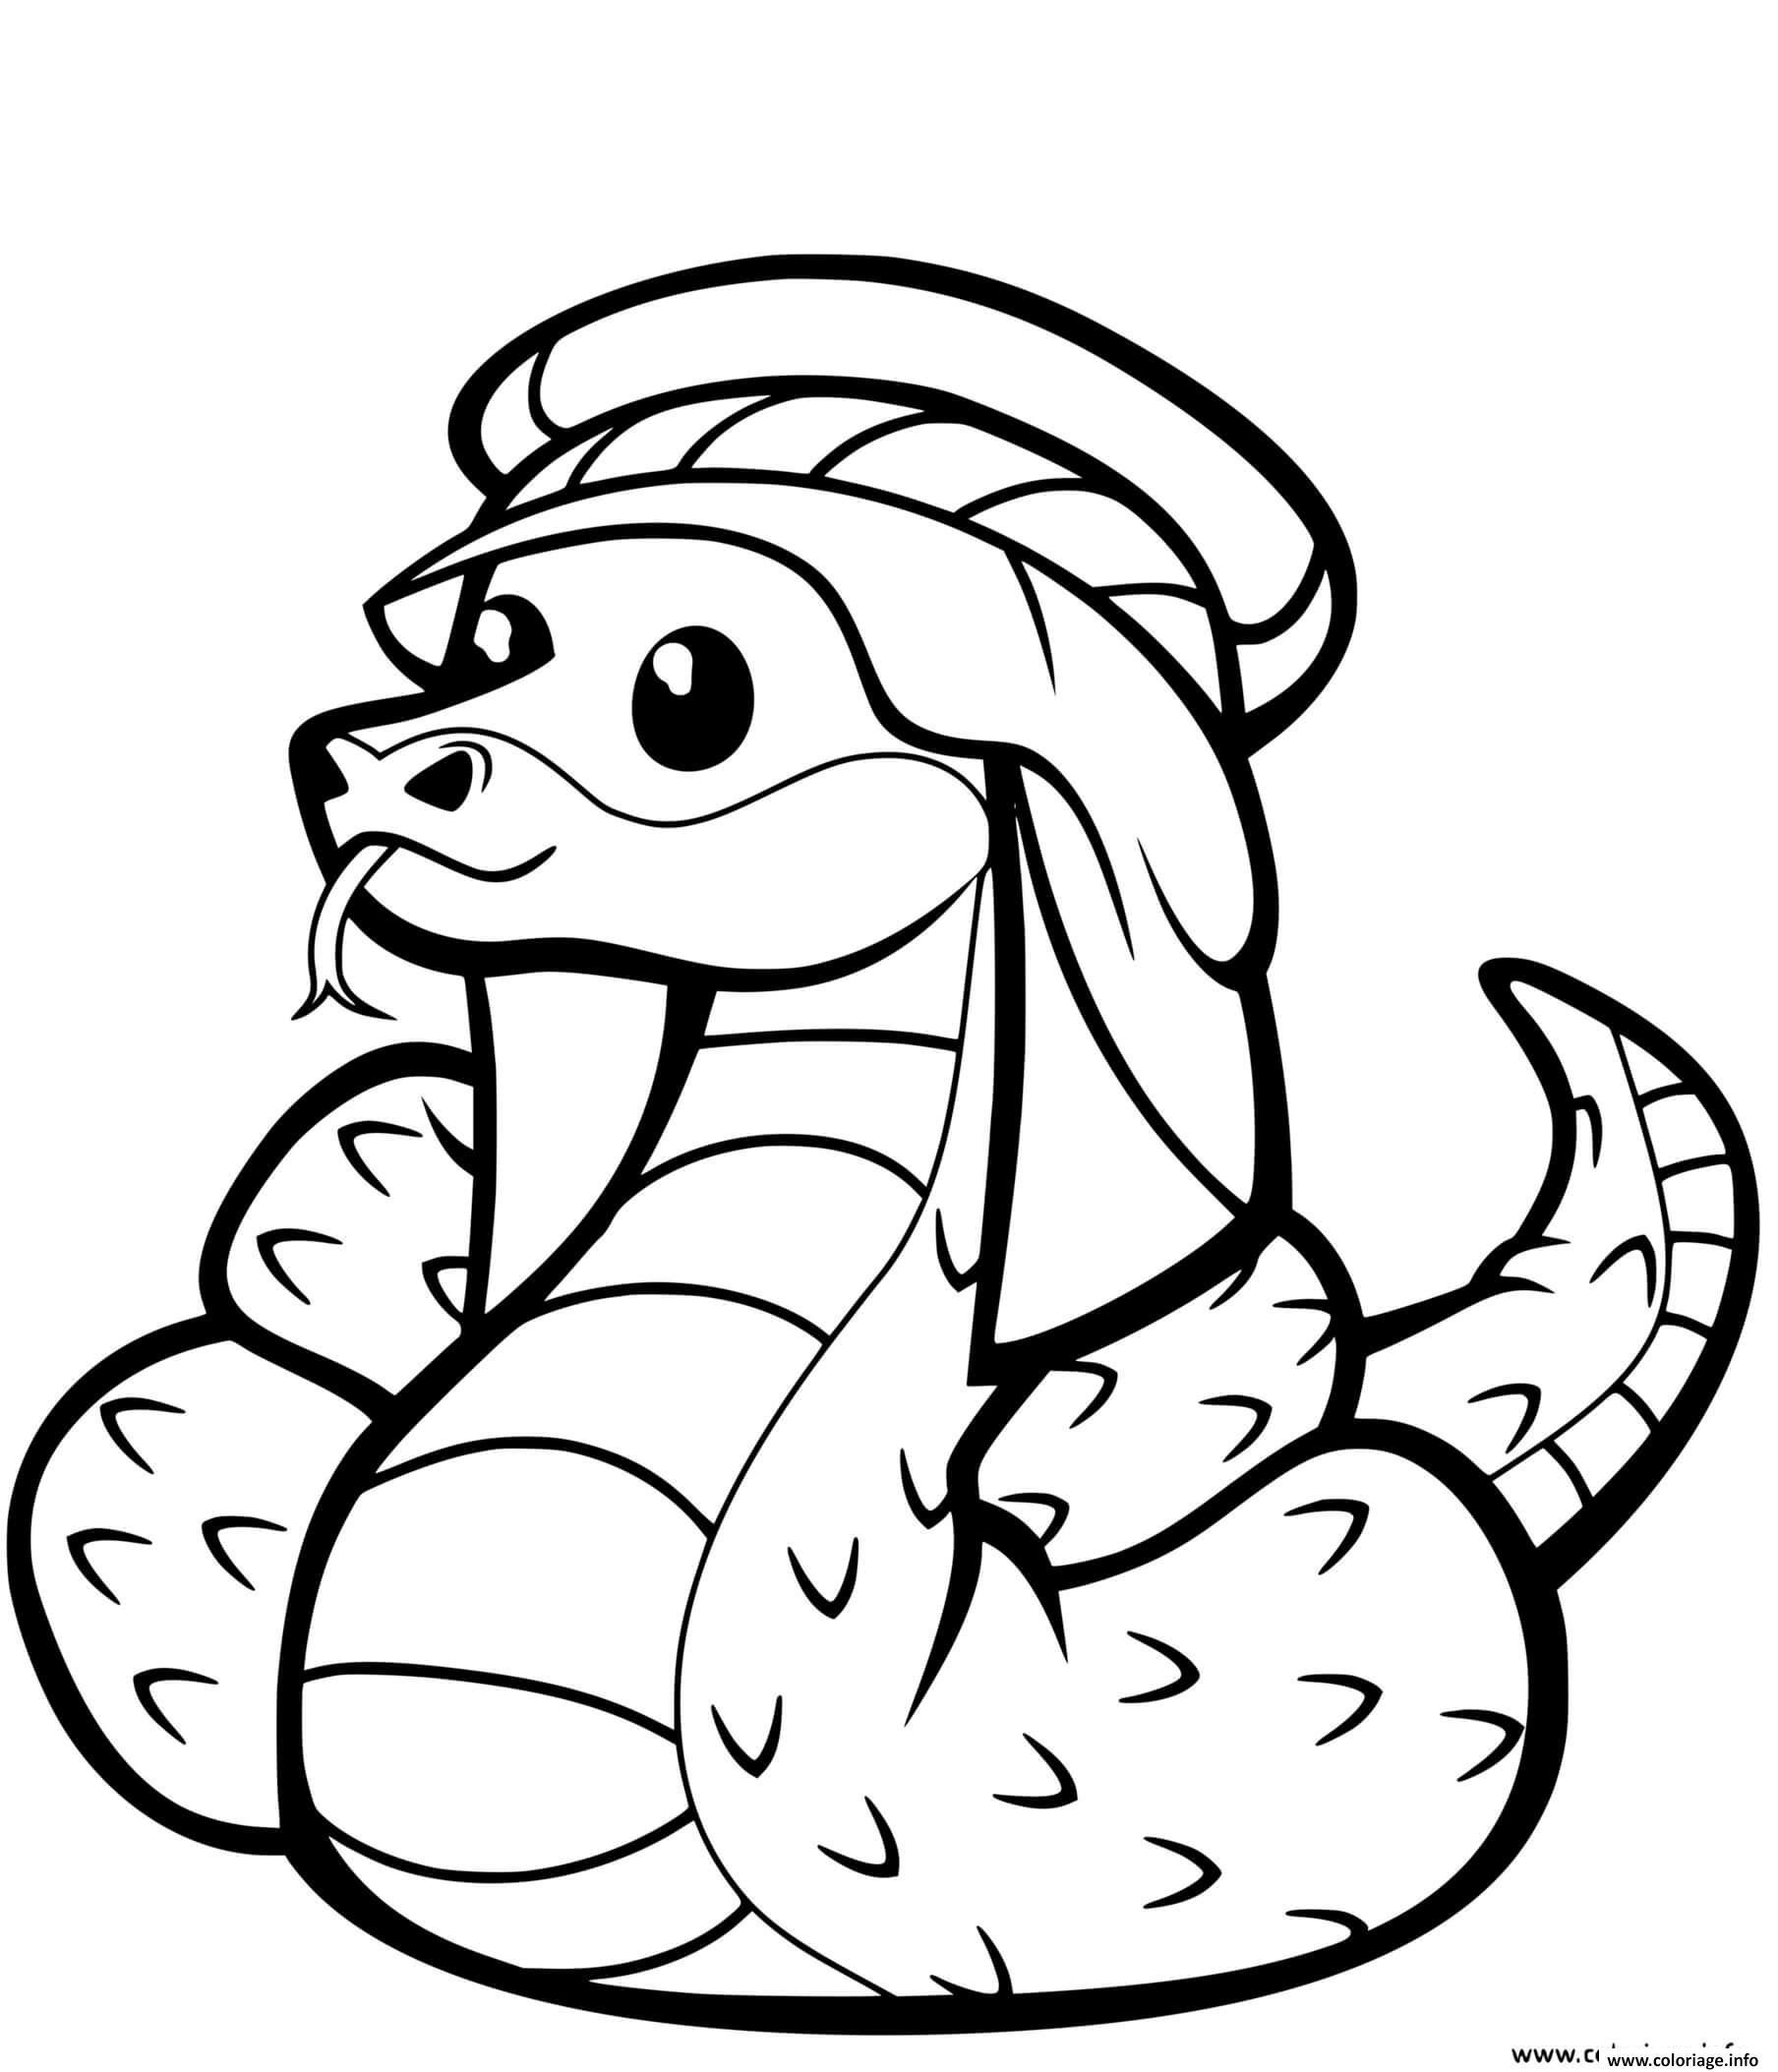 Dessin serpent en coufique dans le desert Coloriage Gratuit à Imprimer